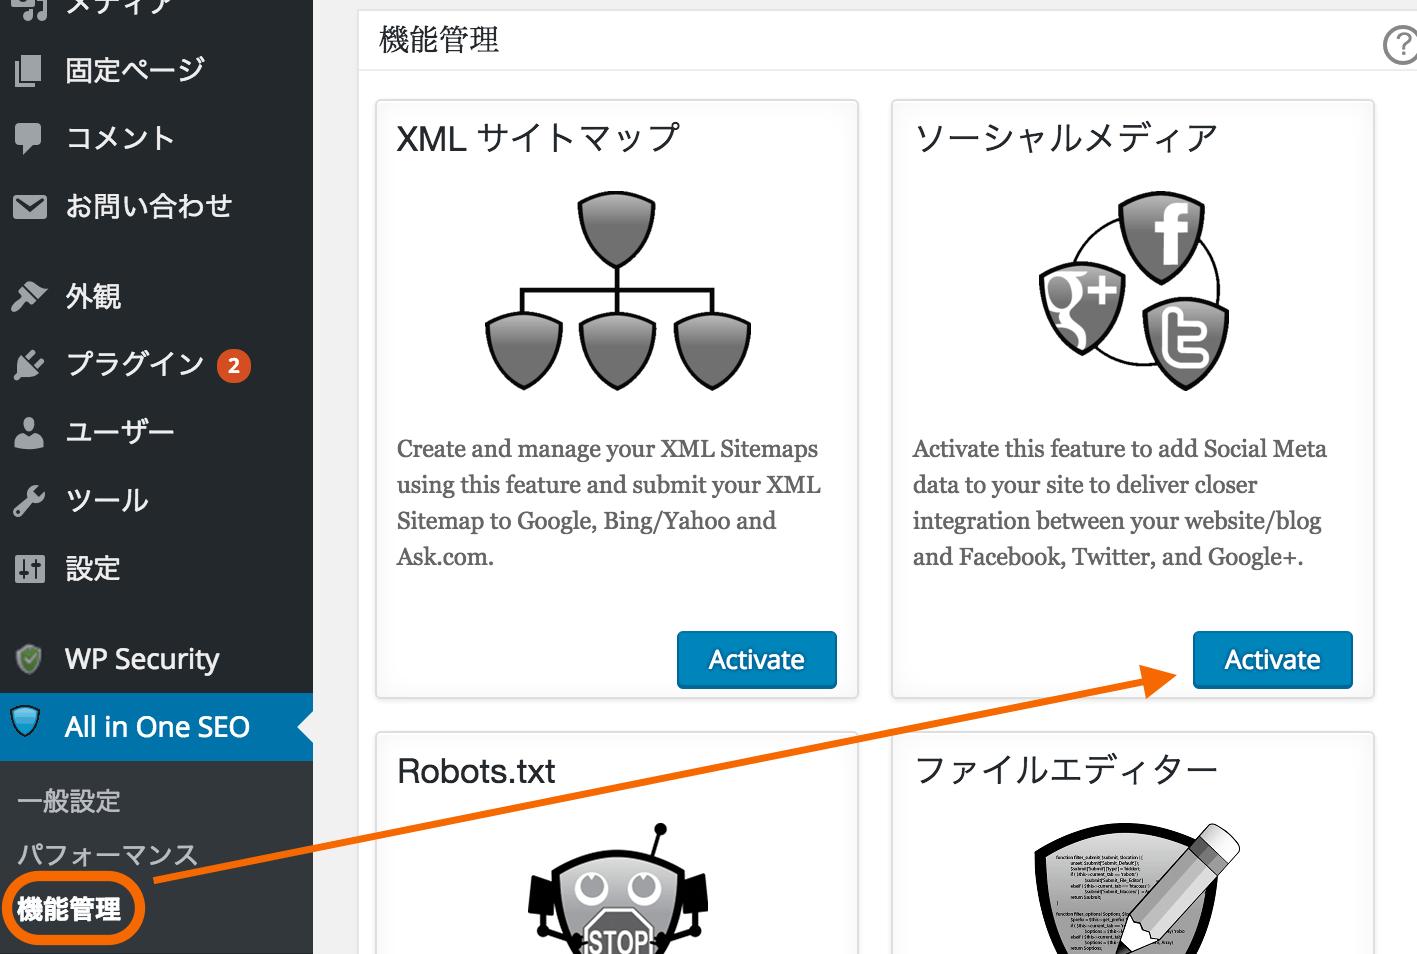 最新版 all in one seo packの設定方法